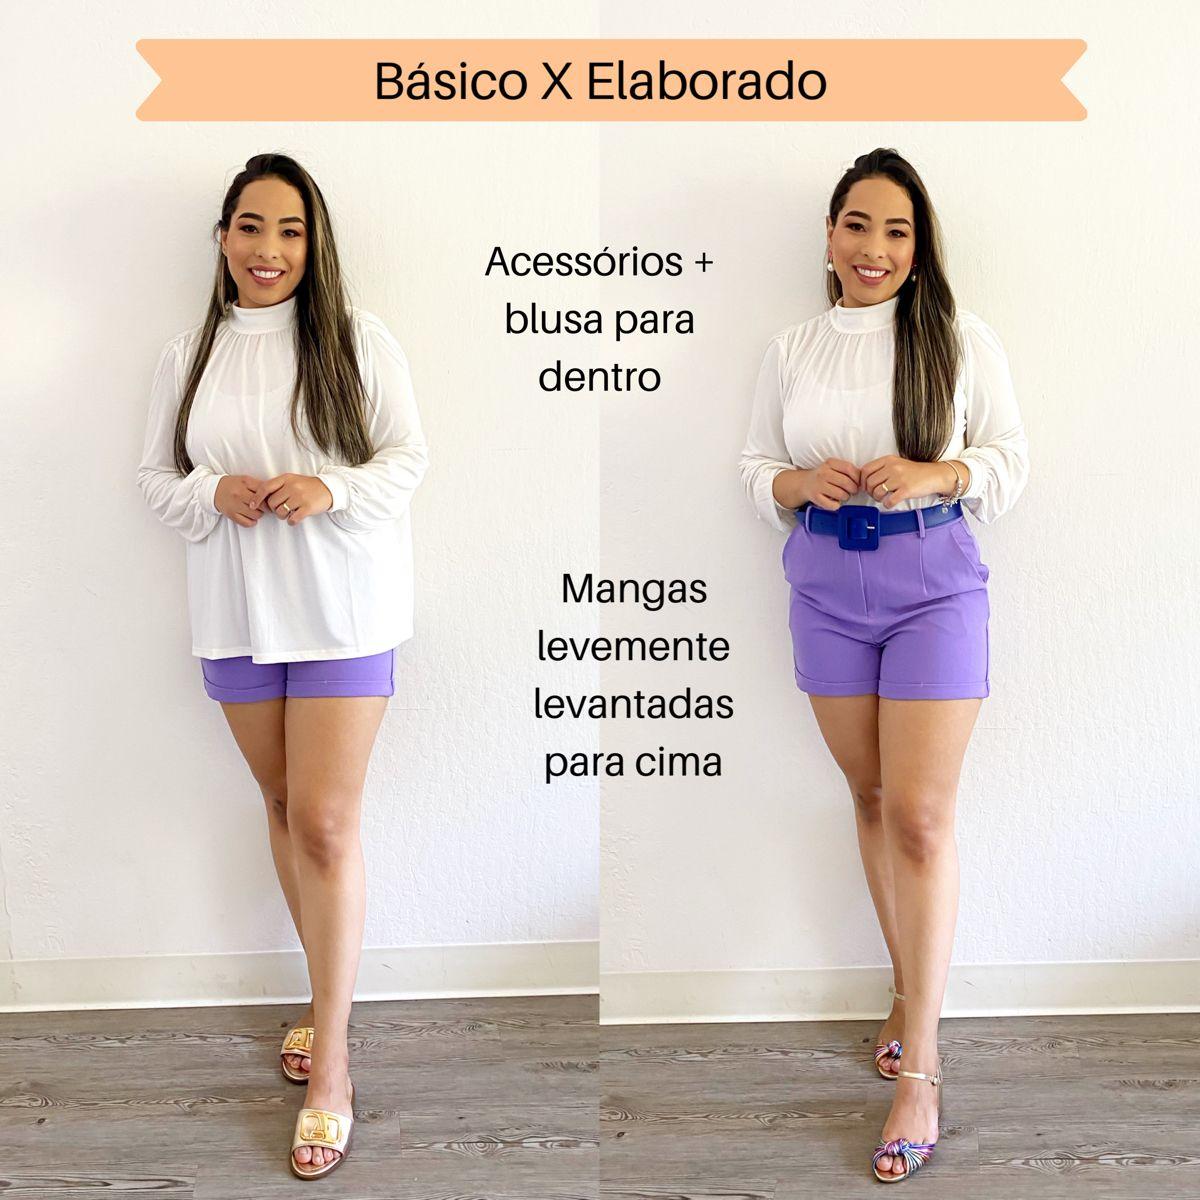 #fashion #style #estilo #trendalert #trendy #consultoriadeimagem #consultoradeimagem #dicasdemoda #moda #diy